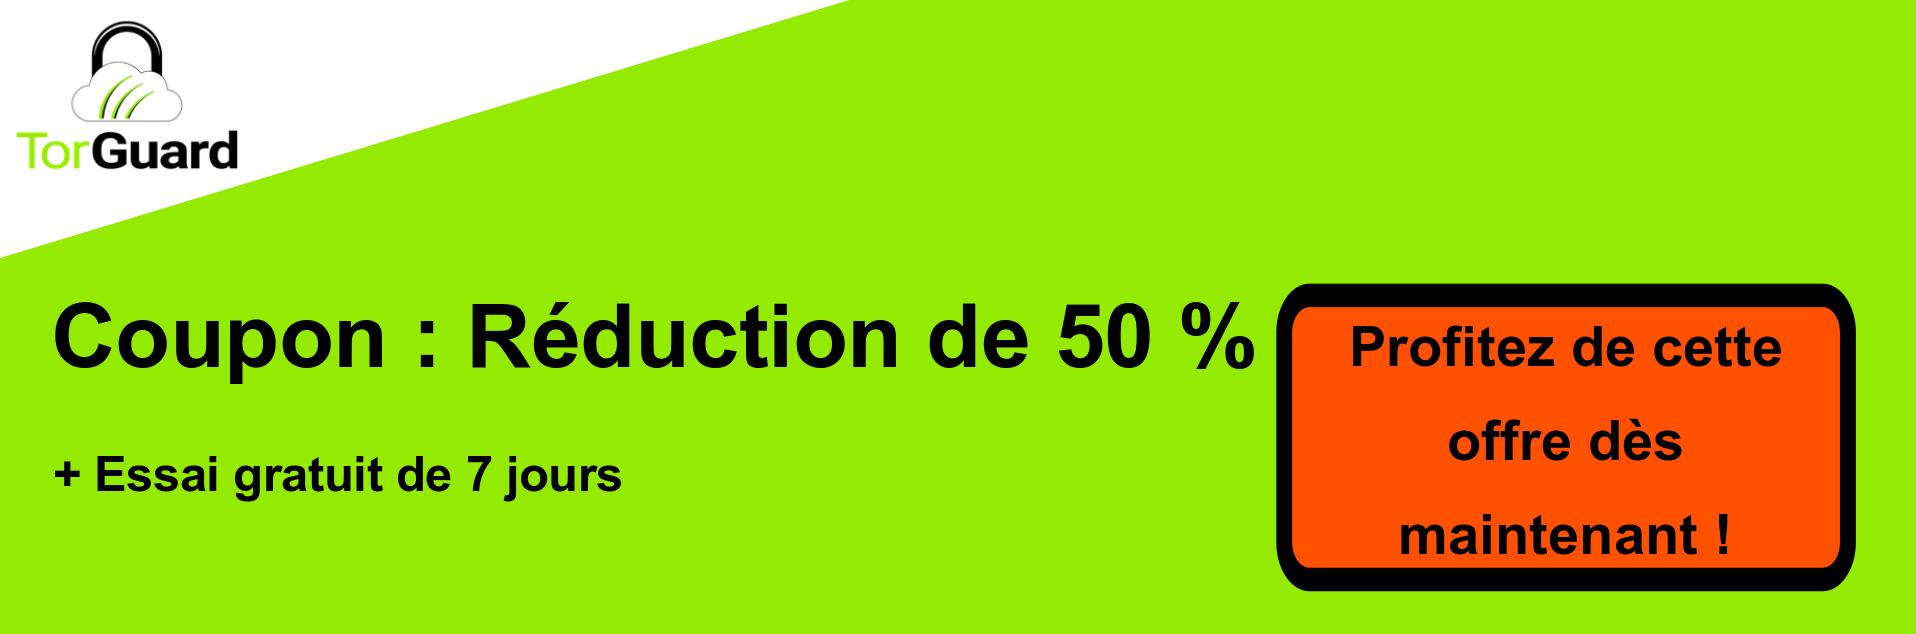 Bannière de coupons TorGuard VPN - 50% de réduction